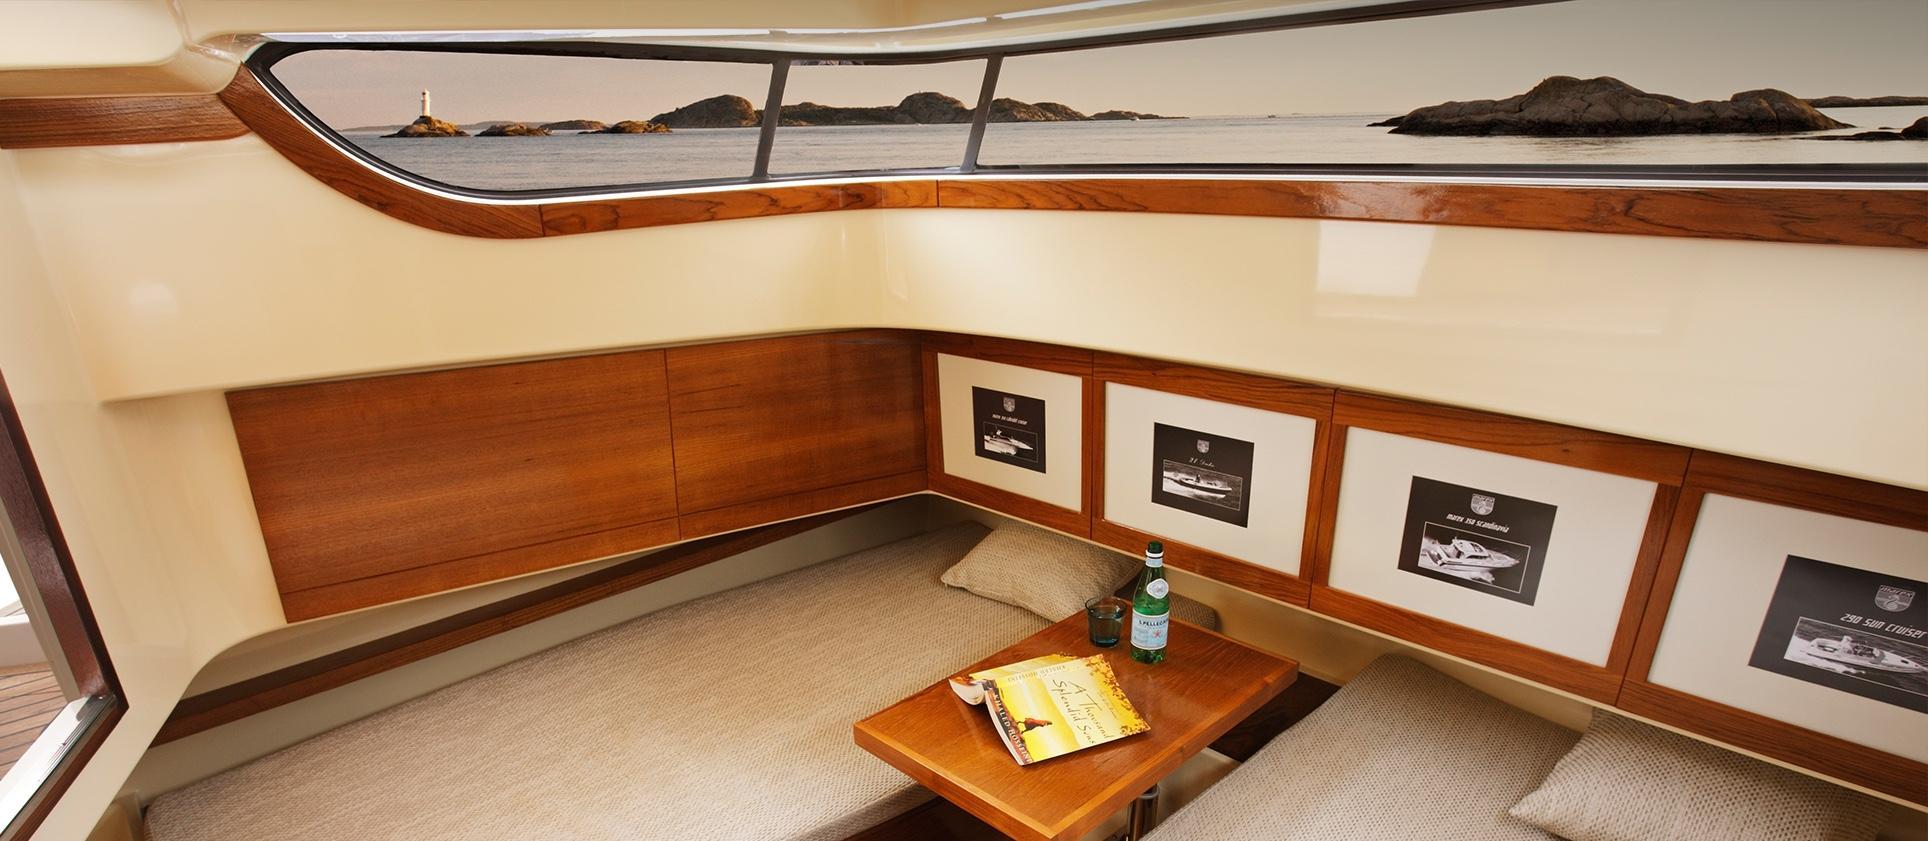 Marex 373 aft cabin cruiser